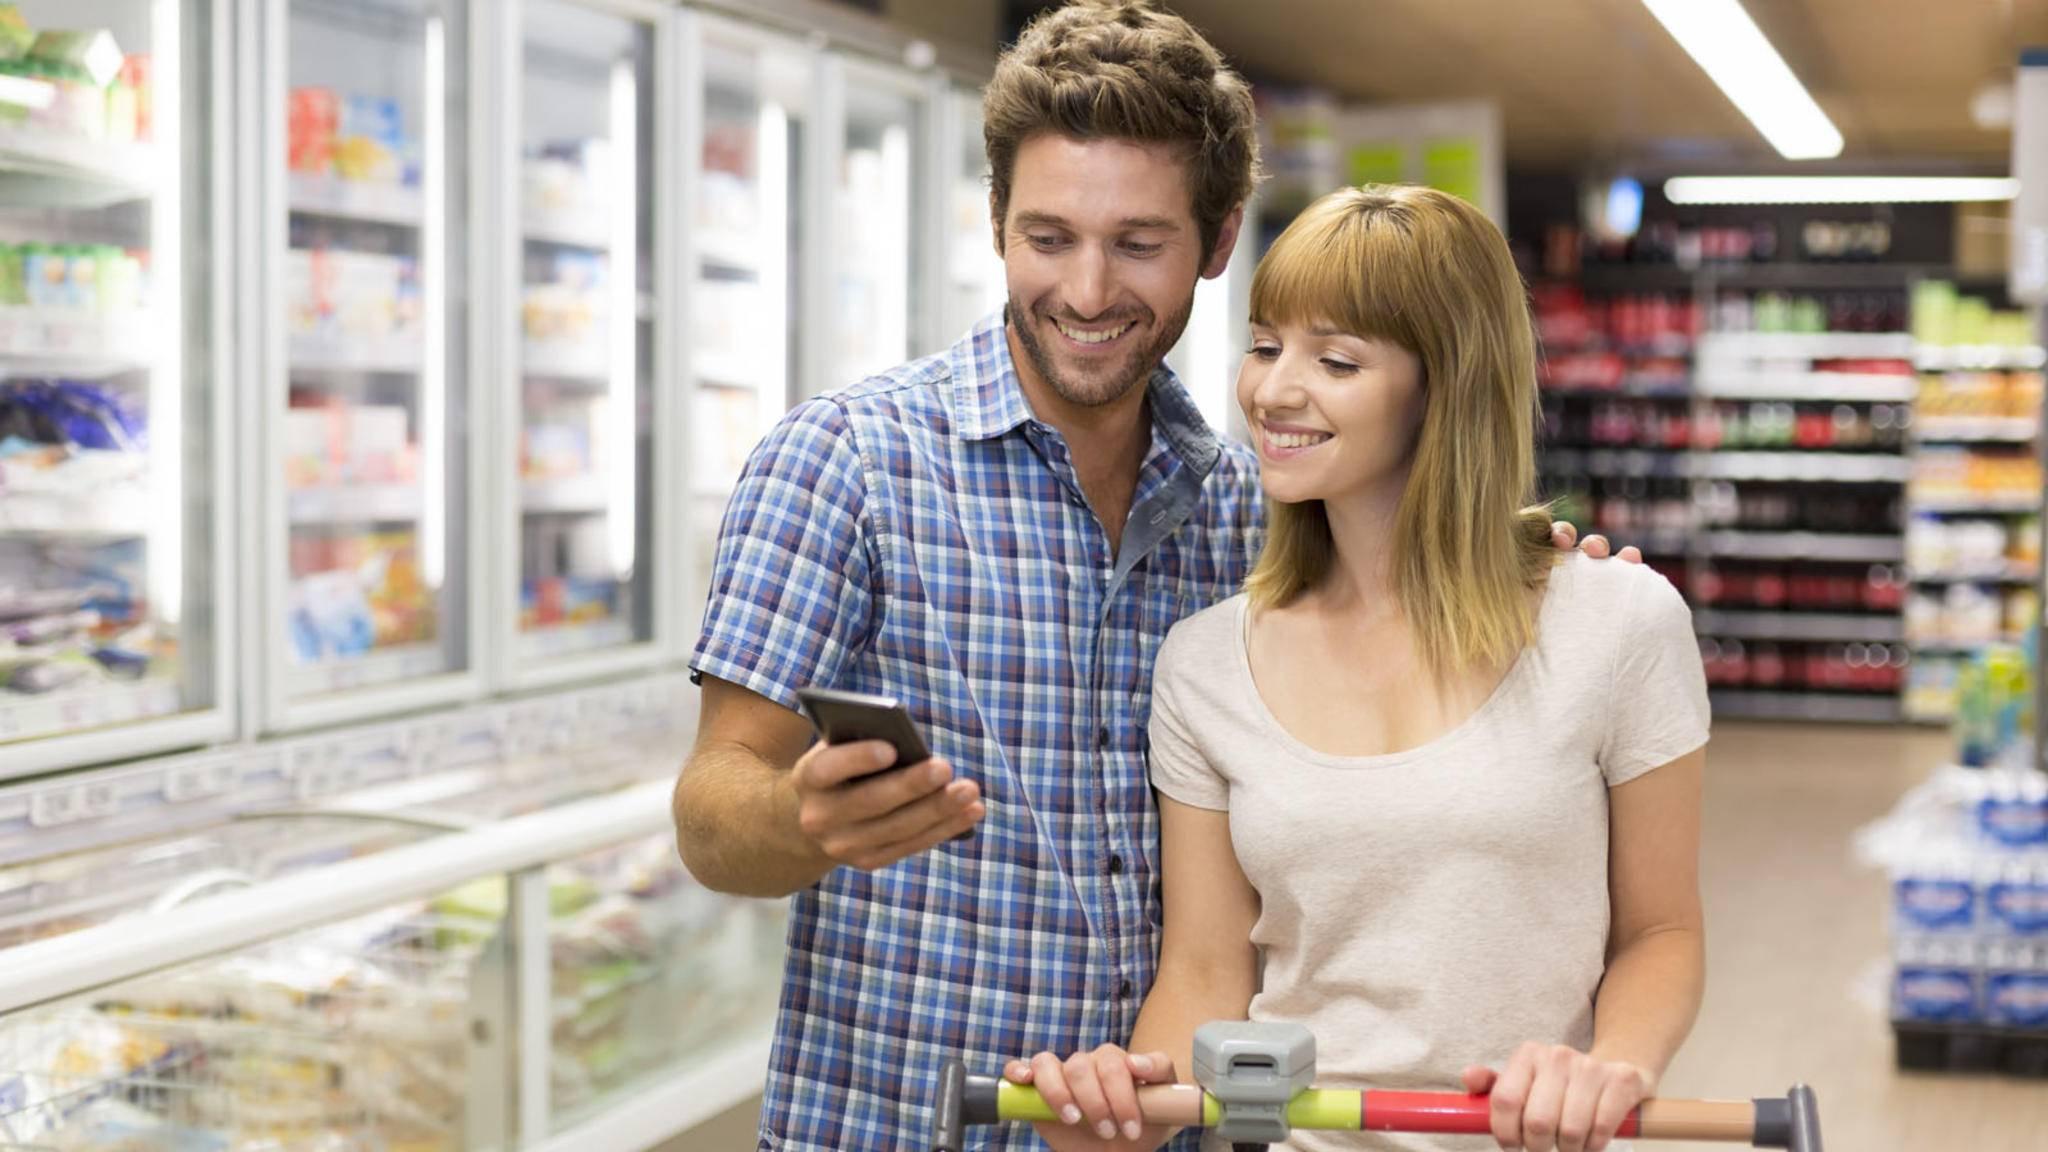 Einkaufsliste-App-Smartphone-Einkaufen-ldprod-AdobeStock_93208692